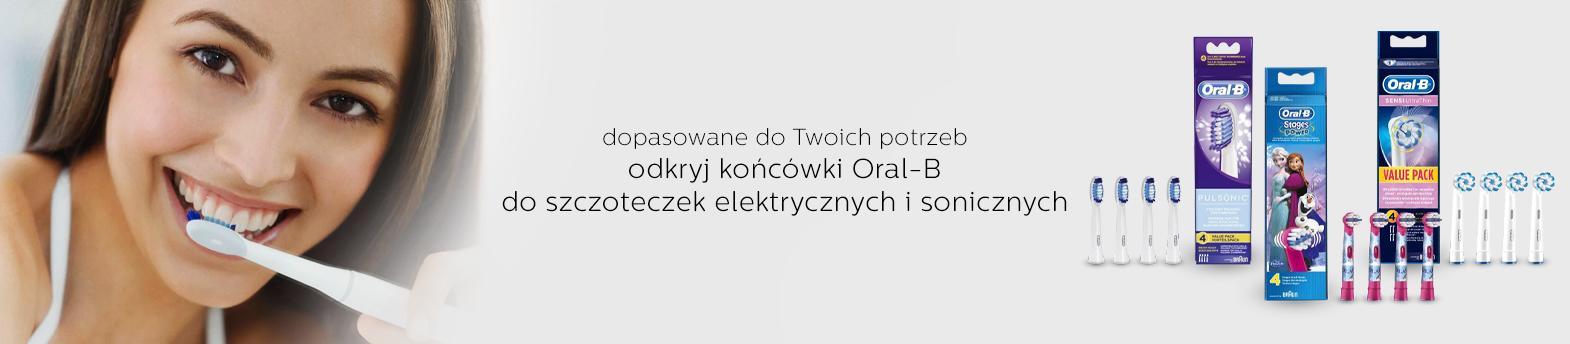 końcówki oral-b